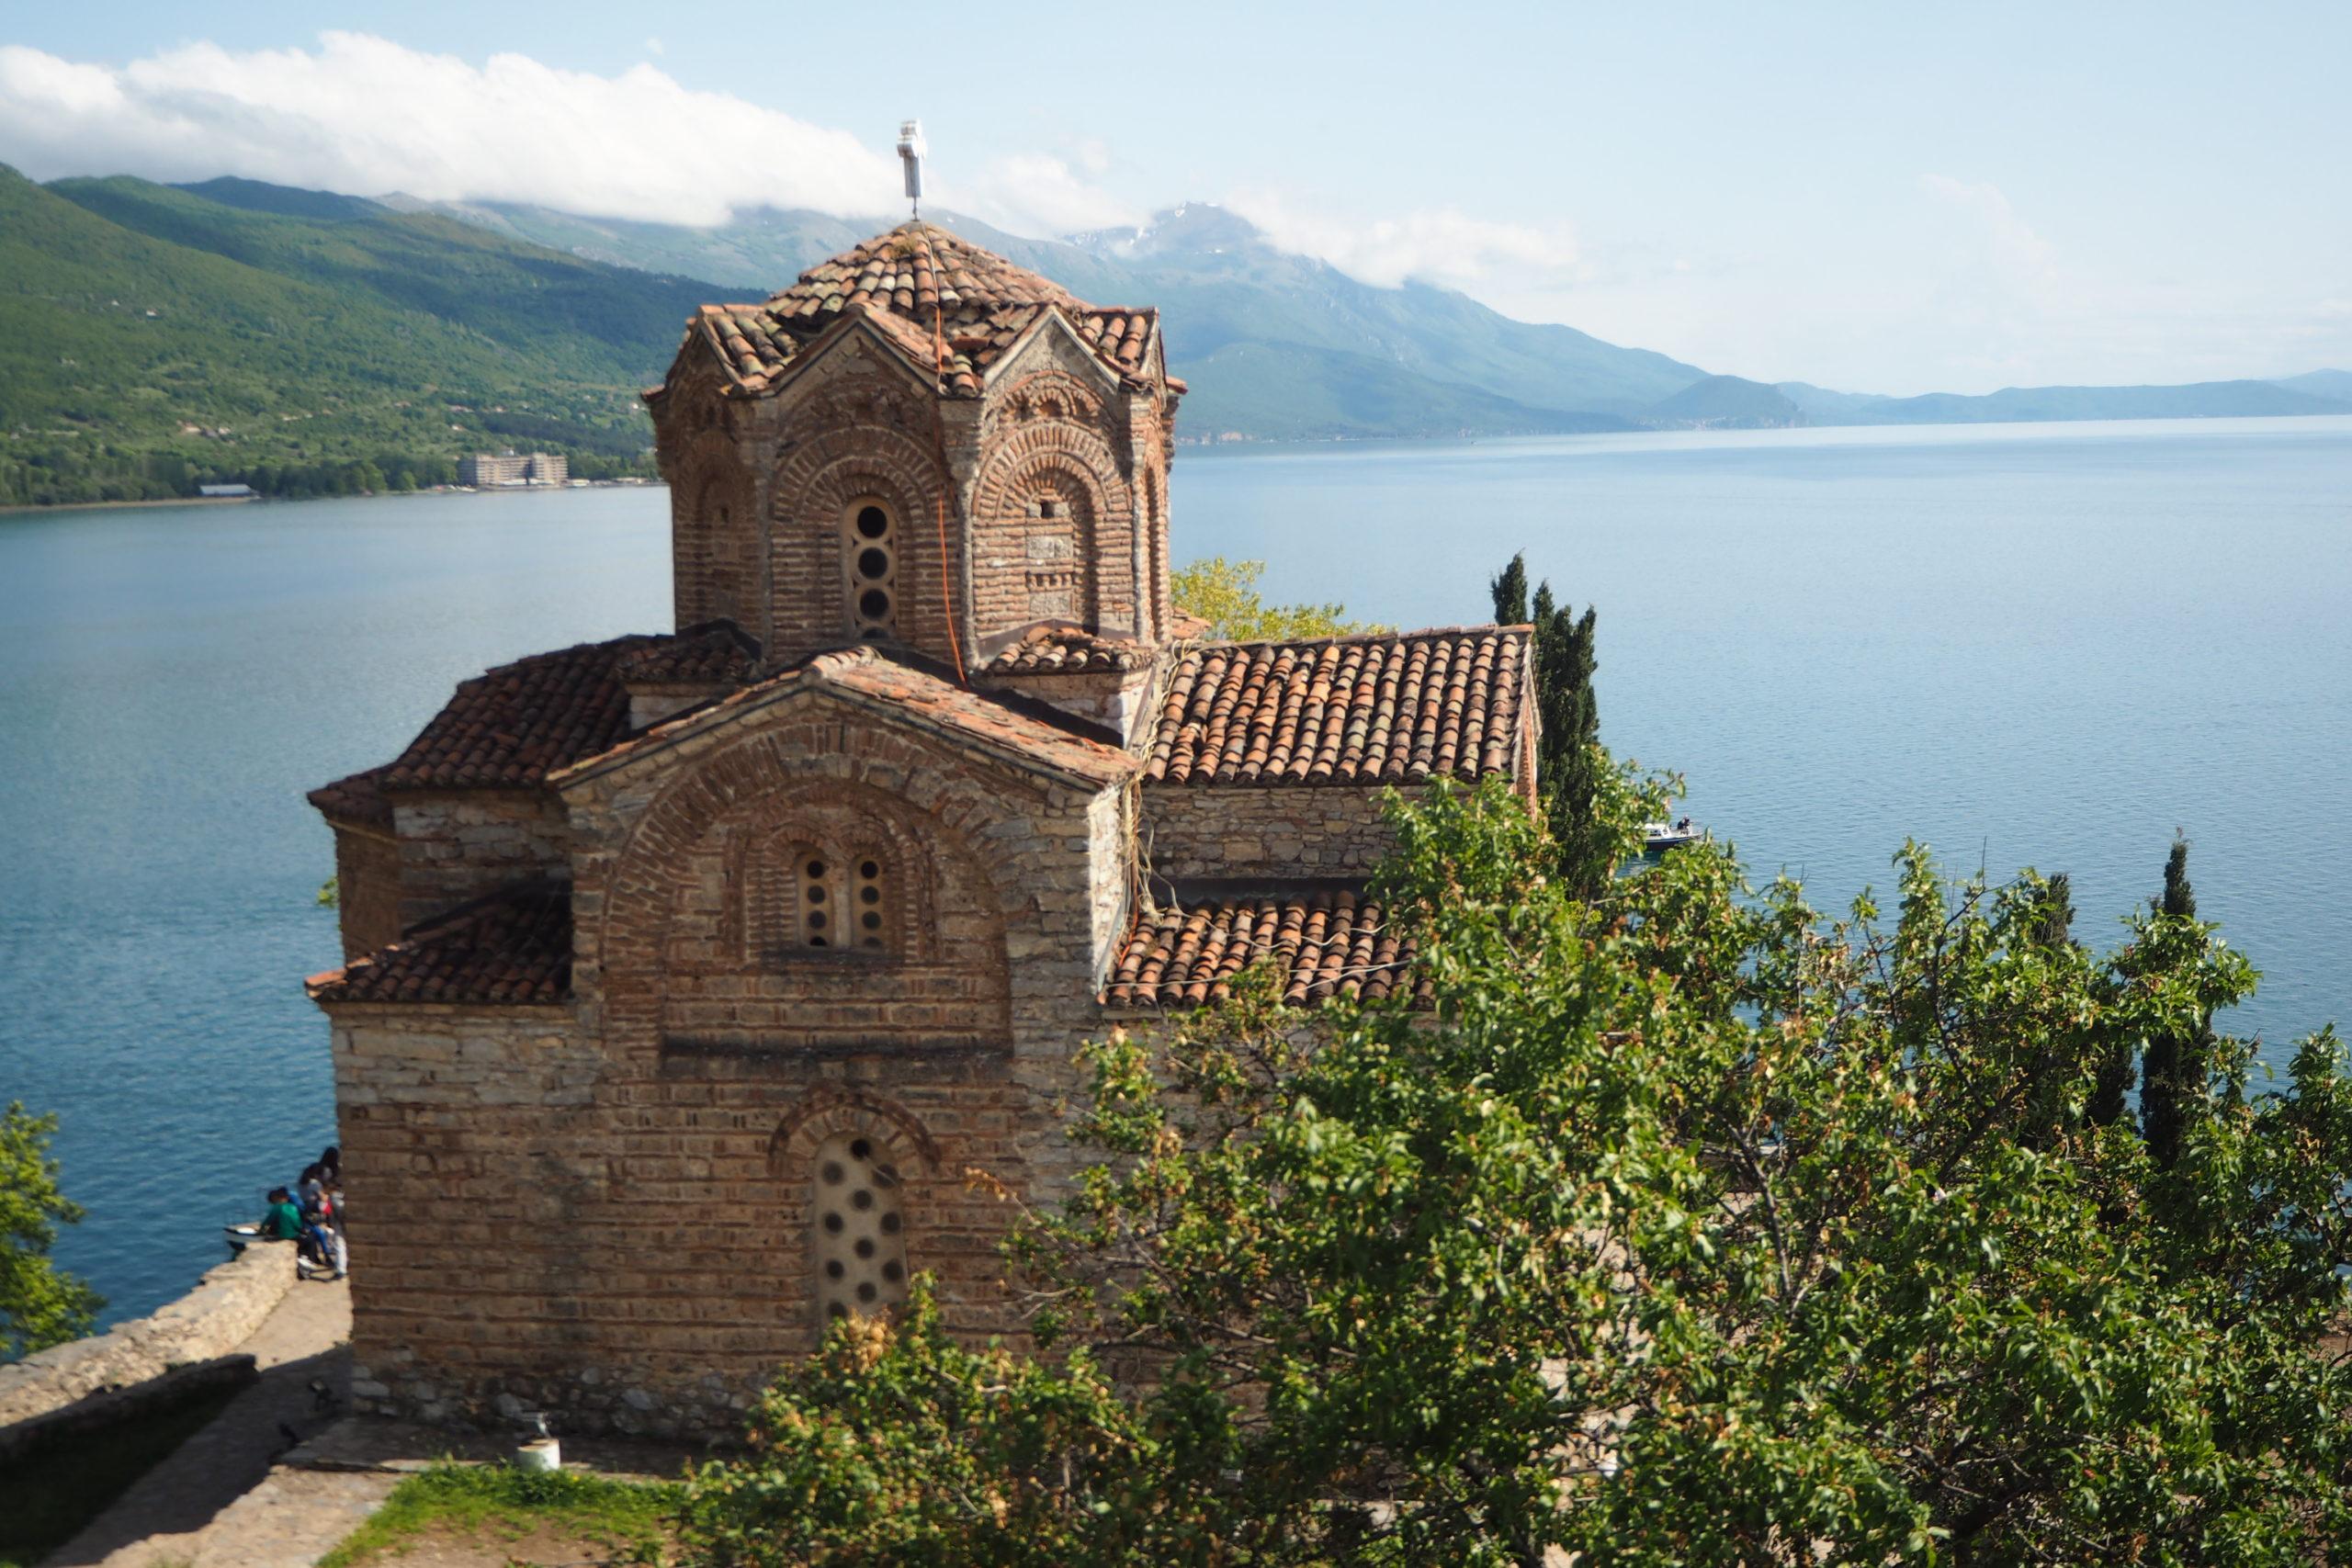 Außergewöhnliche Reiseideen in Europa mit Kindern – Ausblick auf die Sveti Jovan Kaneo Kirche am Ohrid-See in Mazedonien